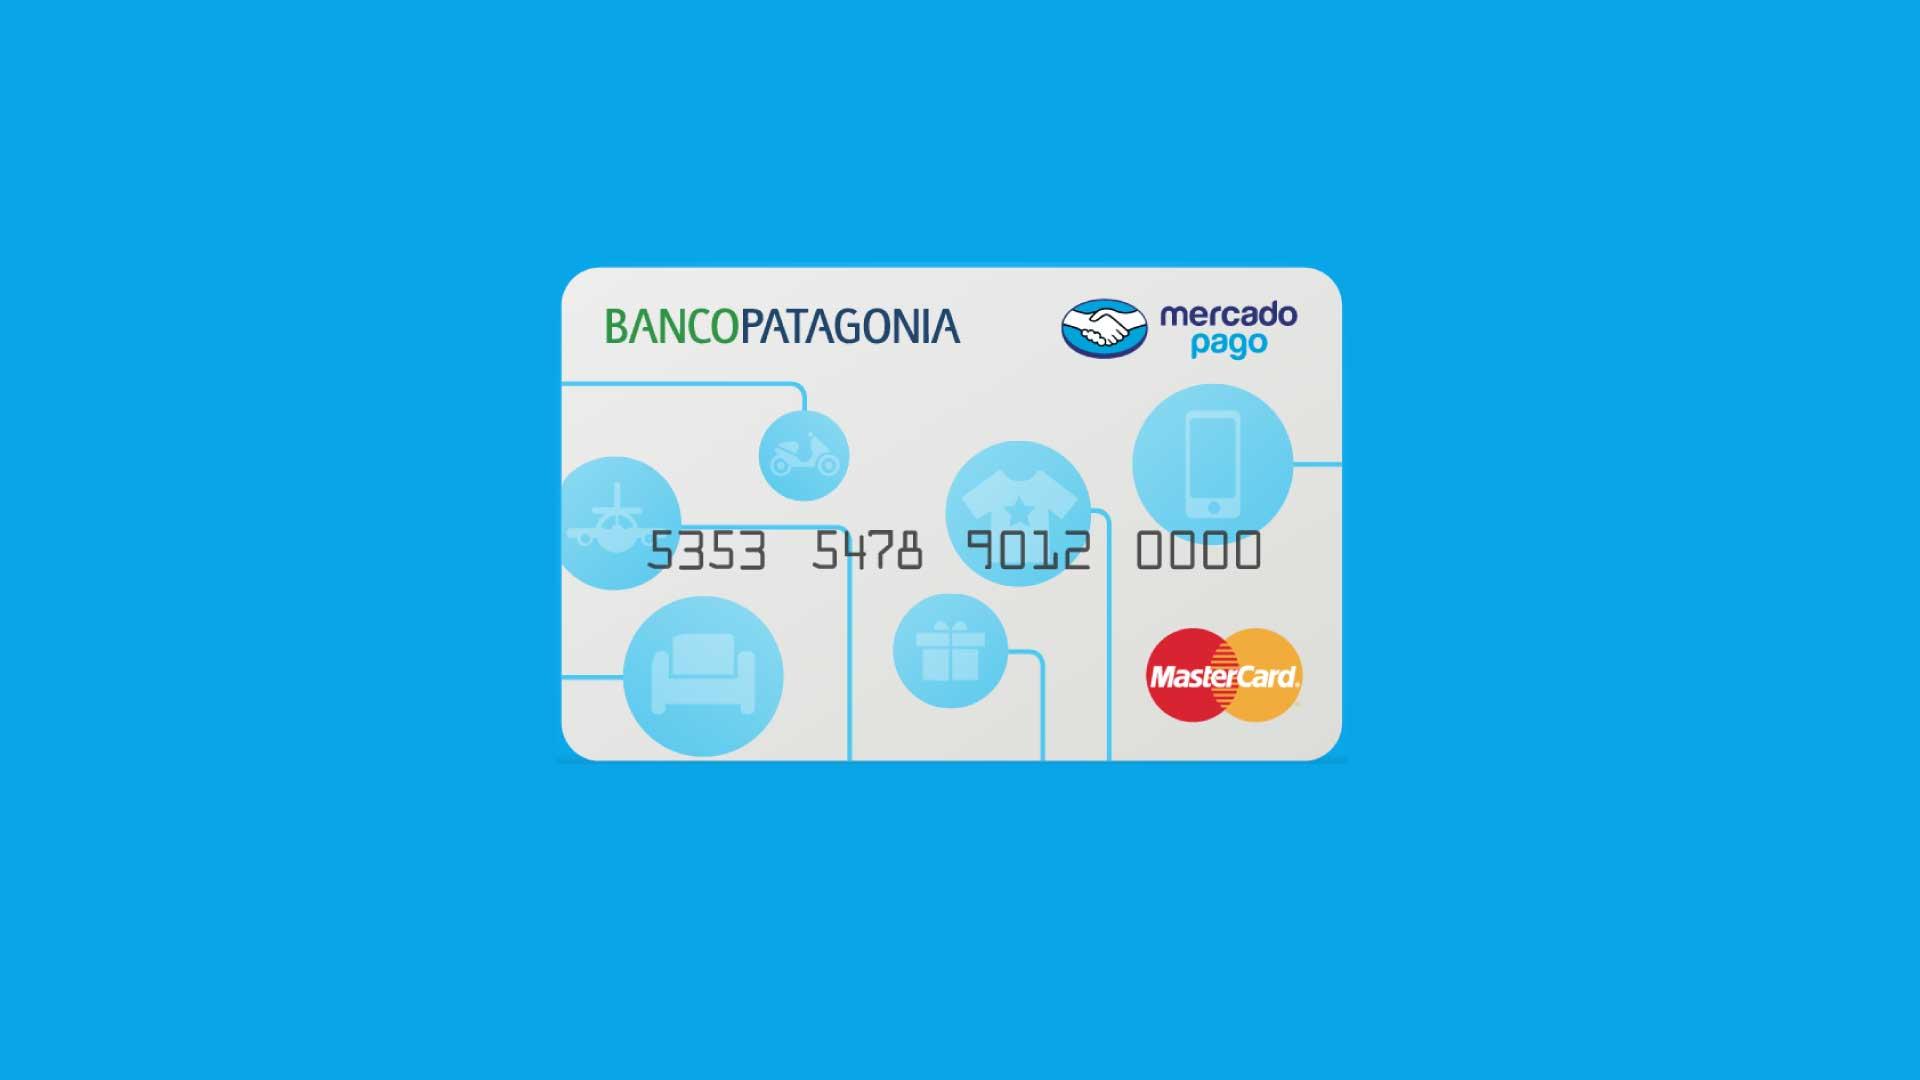 Tarjeta de credito mercado pago banco patagonia